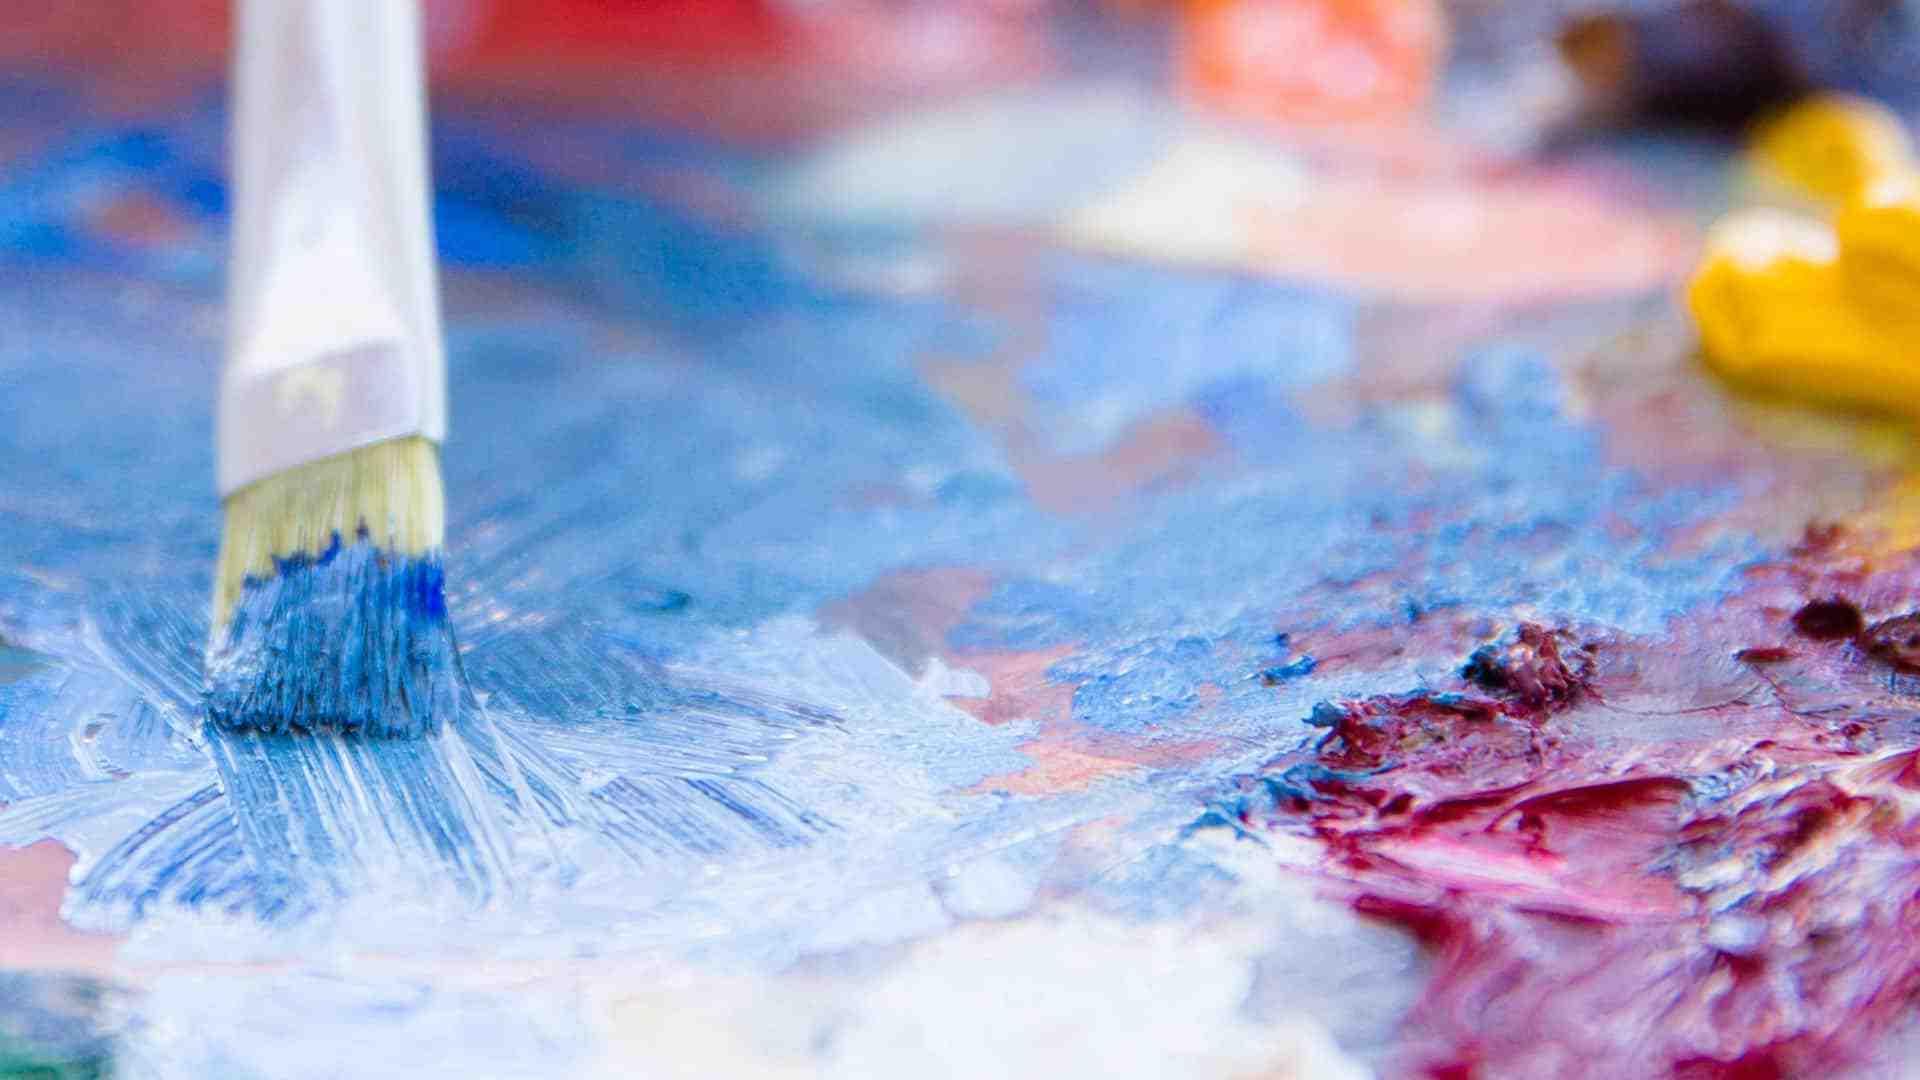 Quelle peinture acrylique pour toile ?